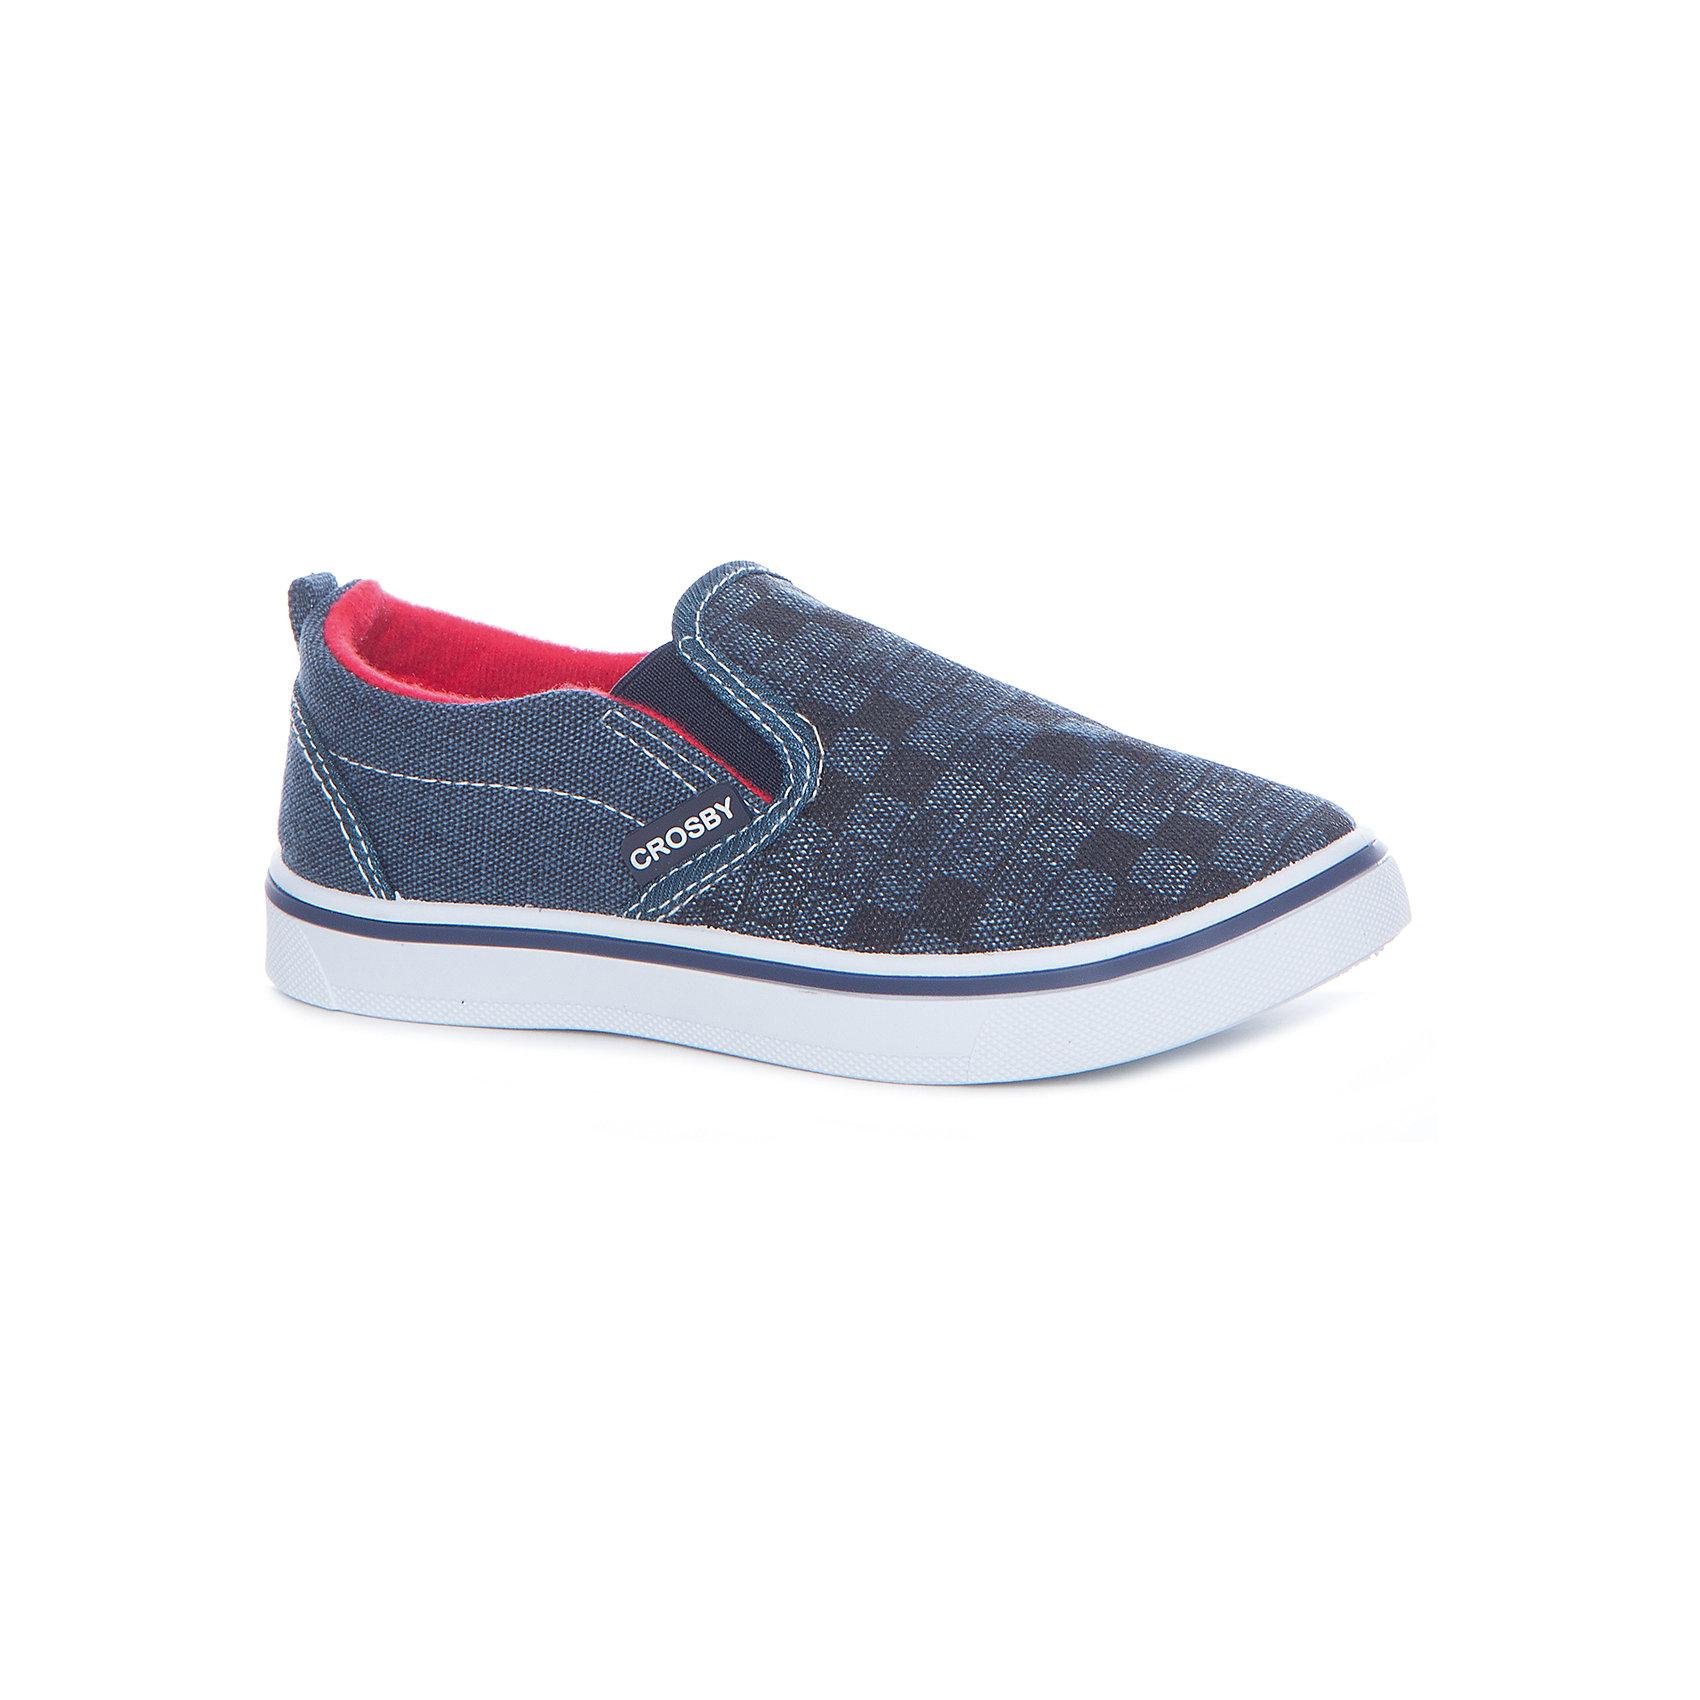 Слипоны для мальчика Crosby, синийСлипоны<br>Характеристики товара:<br><br>• цвет: синий <br>• материал верха: текстиль<br>• стелька: текстиль<br>• подошва: резина<br>• застежка: нет<br>• температурный режим: от +10°до +20°С<br>• стильный дизайн<br>• устойчивая подошва<br>• коллекция: весна-лето 2017<br>• страна бренда: Шотландия<br>• страна производства: Китай<br><br>Кеды удобно сидят на ноге и позволяют ногам дышать. <br><br>Они станут оригинальным акцентом в наряде! Отличный вариант летней обуви для ребенка.<br><br>Обувь от шотландского бренда CROSBY (Кросби) уже завоевала популярность у взрослых и детей в нашей стране. <br><br>Модели этой марки - неизменно стильные и удобные, их дизайн отличается оригинальностью и продуманностью. <br><br>Для производства этой обуви используются только проверенные, качественные материалы и фурнитура. <br><br>Порадуйте ребенка комфортными и современными вещами от CROSBY! <br><br>Кеды для мальчика от шотландского бренда CROSBY (Кросби) можно купить в нашем интернет-магазине.<br><br>Ширина мм: 250<br>Глубина мм: 150<br>Высота мм: 150<br>Вес г: 250<br>Цвет: синий<br>Возраст от месяцев: 96<br>Возраст до месяцев: 108<br>Пол: Мужской<br>Возраст: Детский<br>Размер: 32,35,31,33,34<br>SKU: 5449388